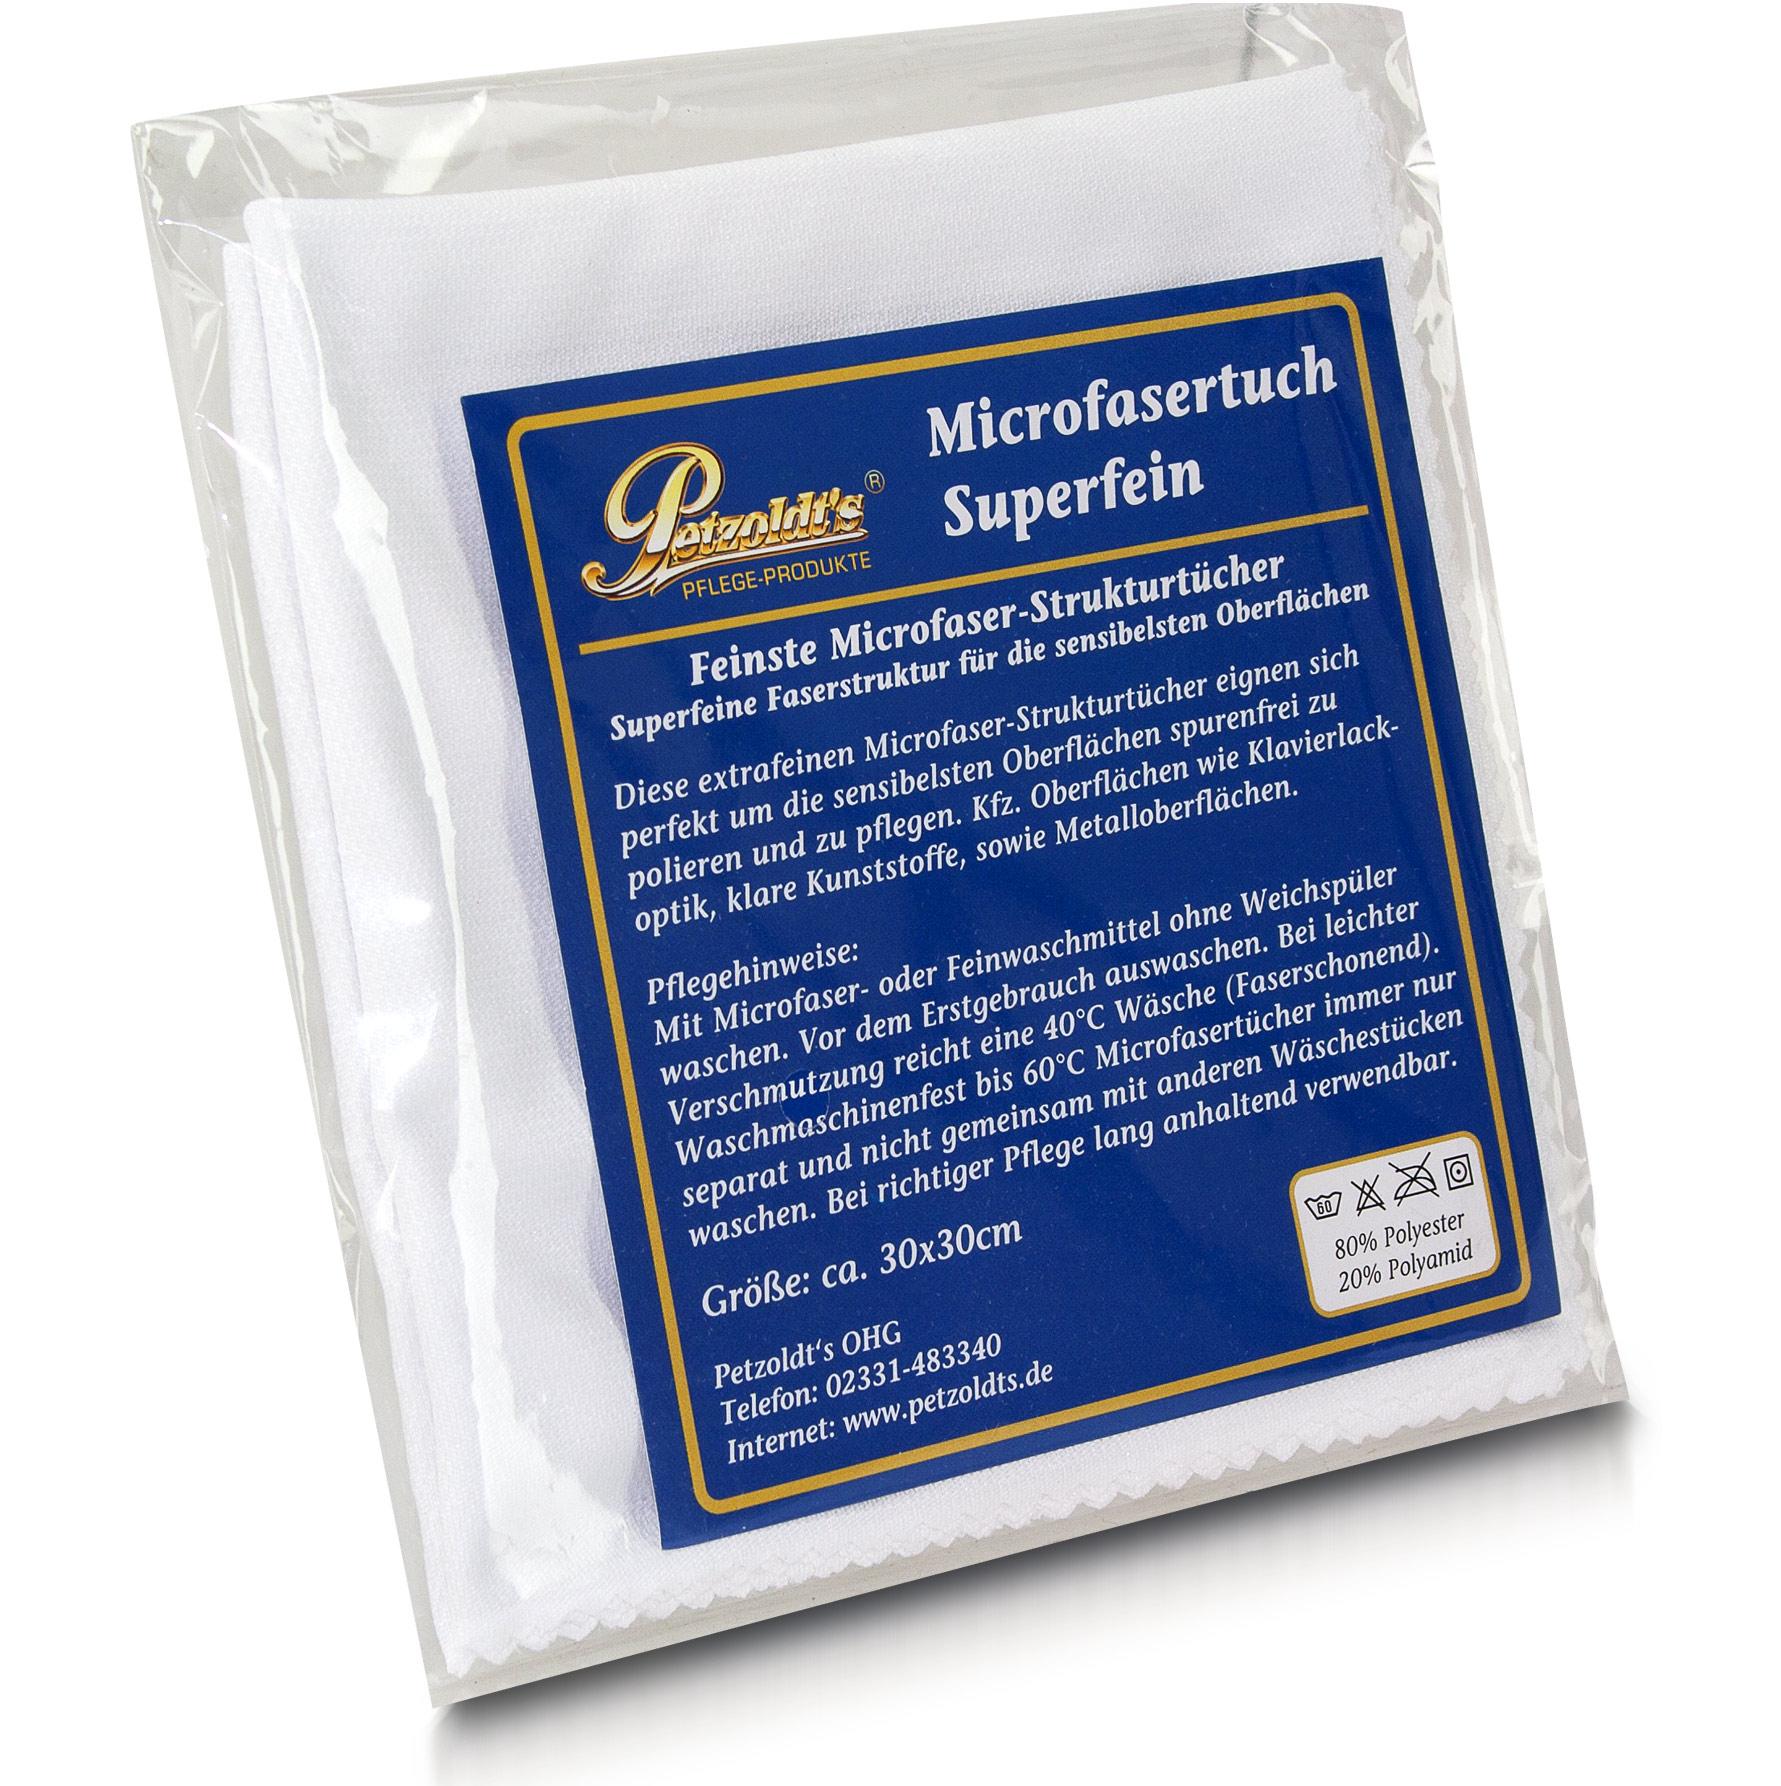 Petzoldts Microfasertuch Superfein, Polieren und Pflegen